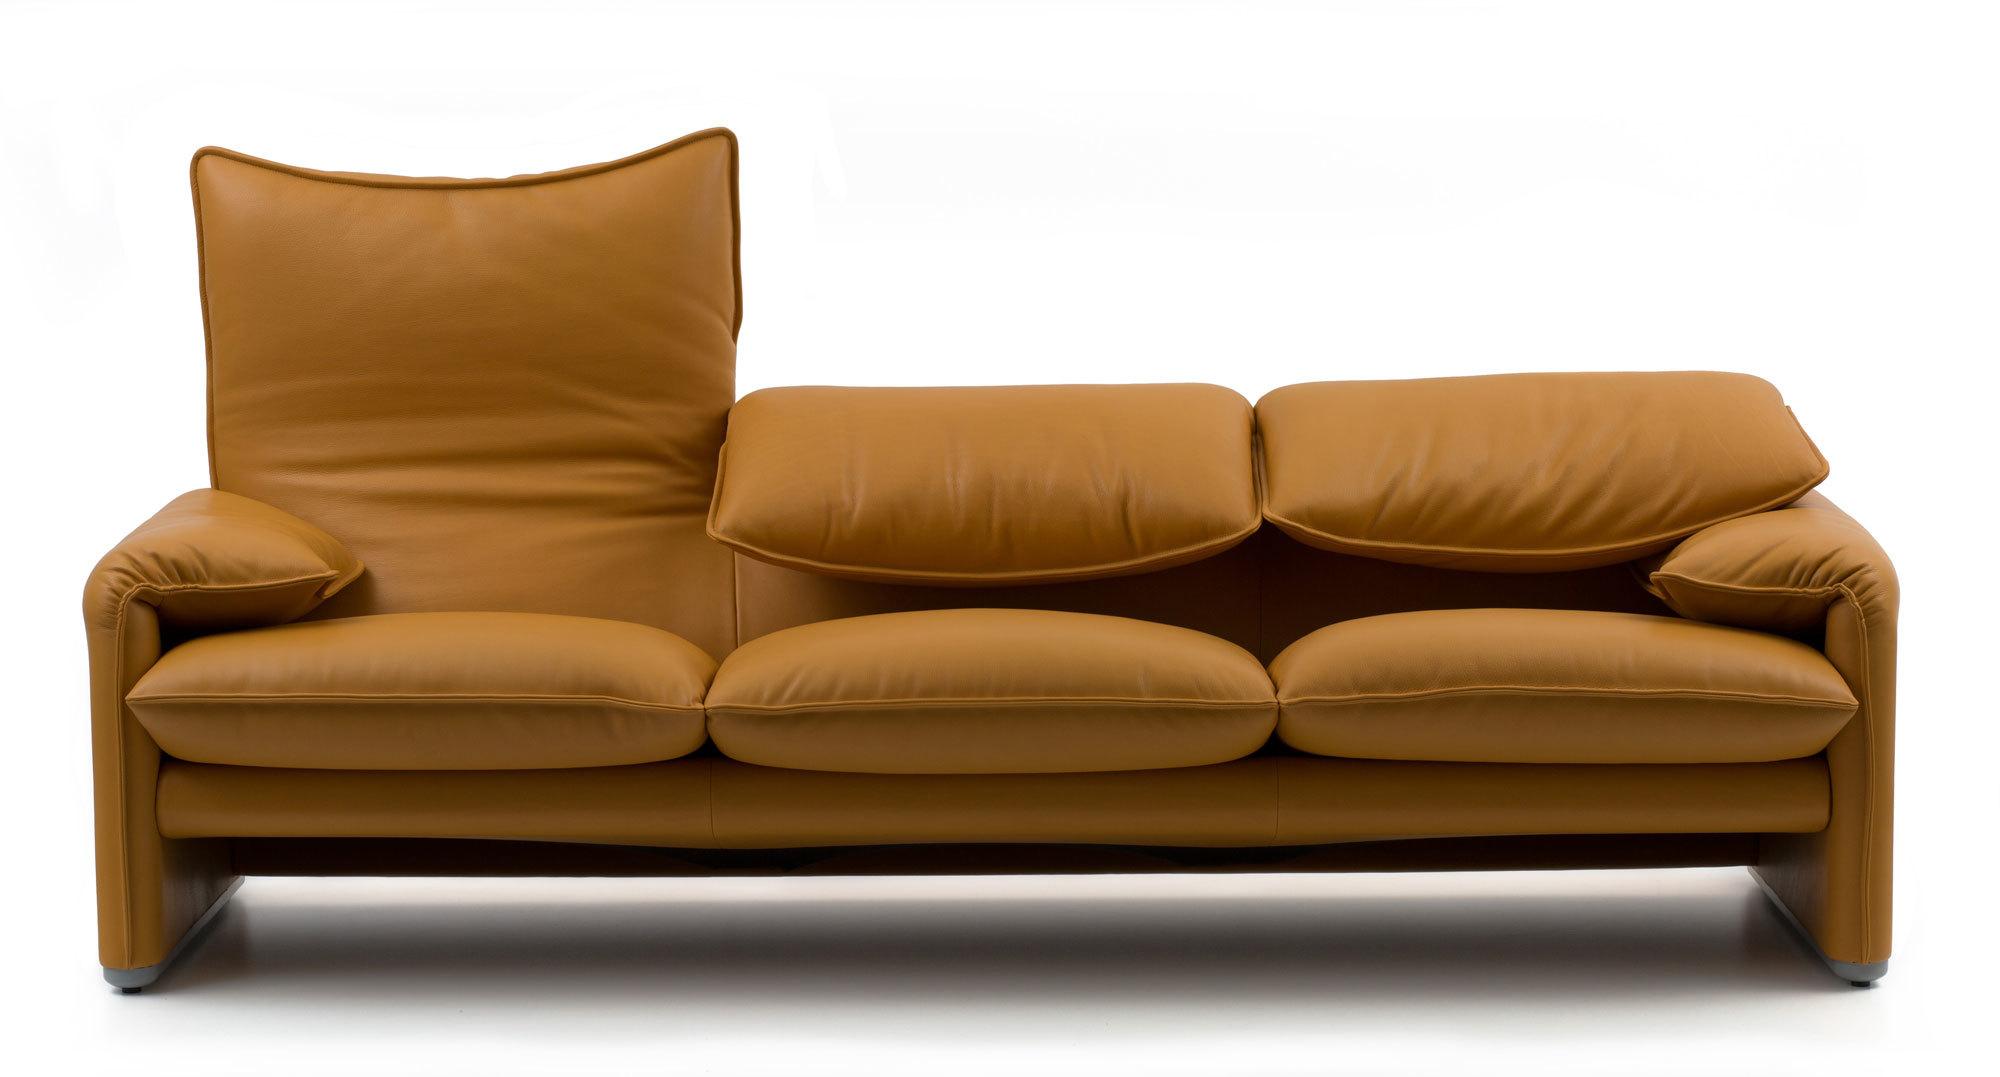 Seventies-Sofas Maralunga von Cassina. Gestalterischer Clou: die verstellbare Rückenlehne. Foto/ Copyright: Cassina